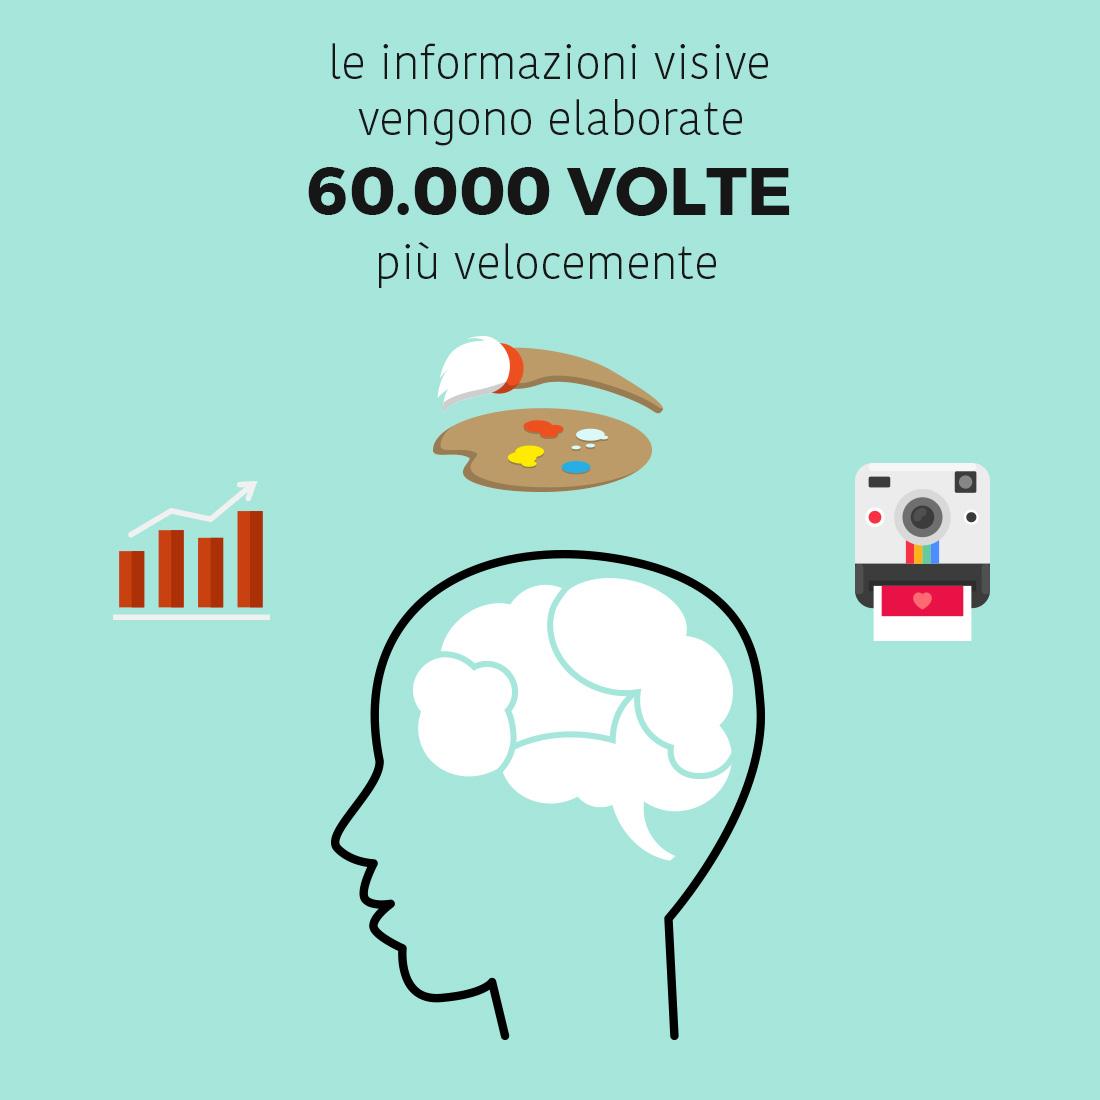 Velocità elaborazione stimoli cervello rispetto alle immagini